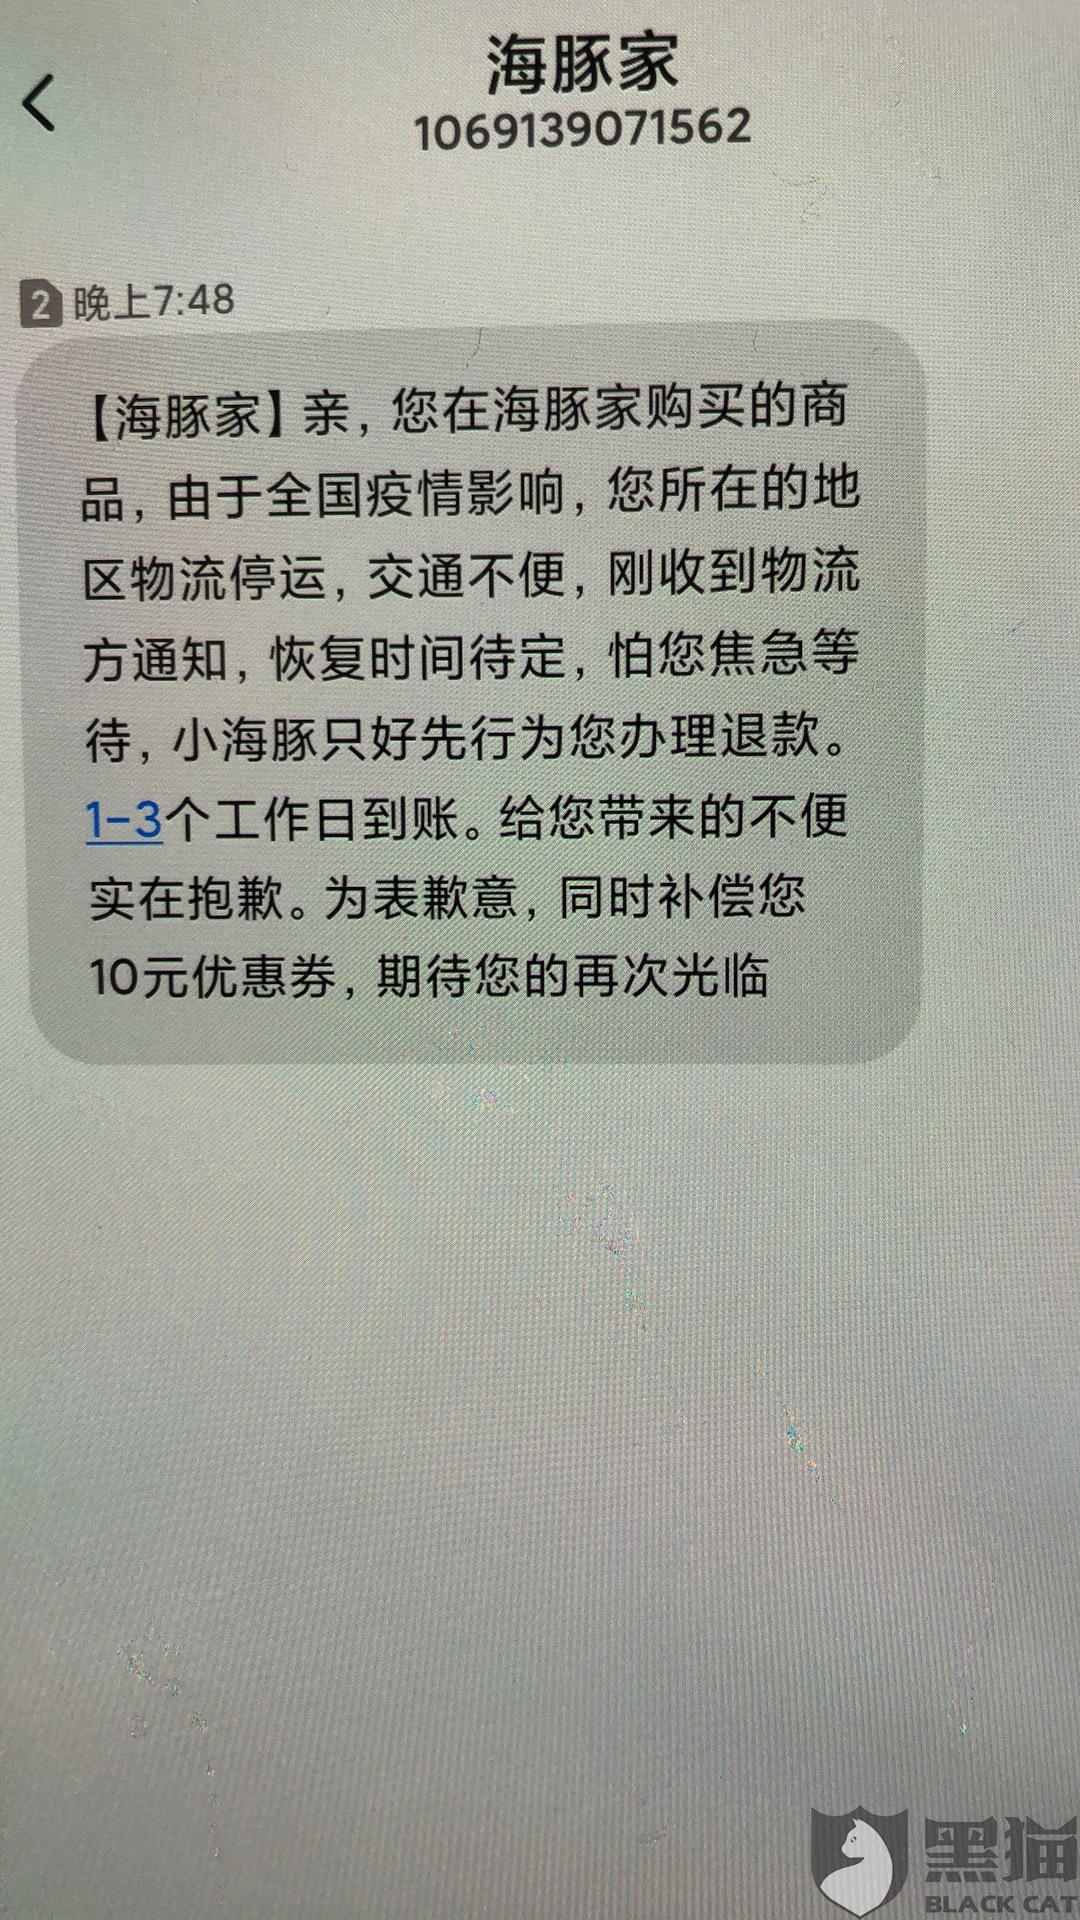 黑猫投诉:海豚家虚假宣传 刷单赚曝光 无照经营